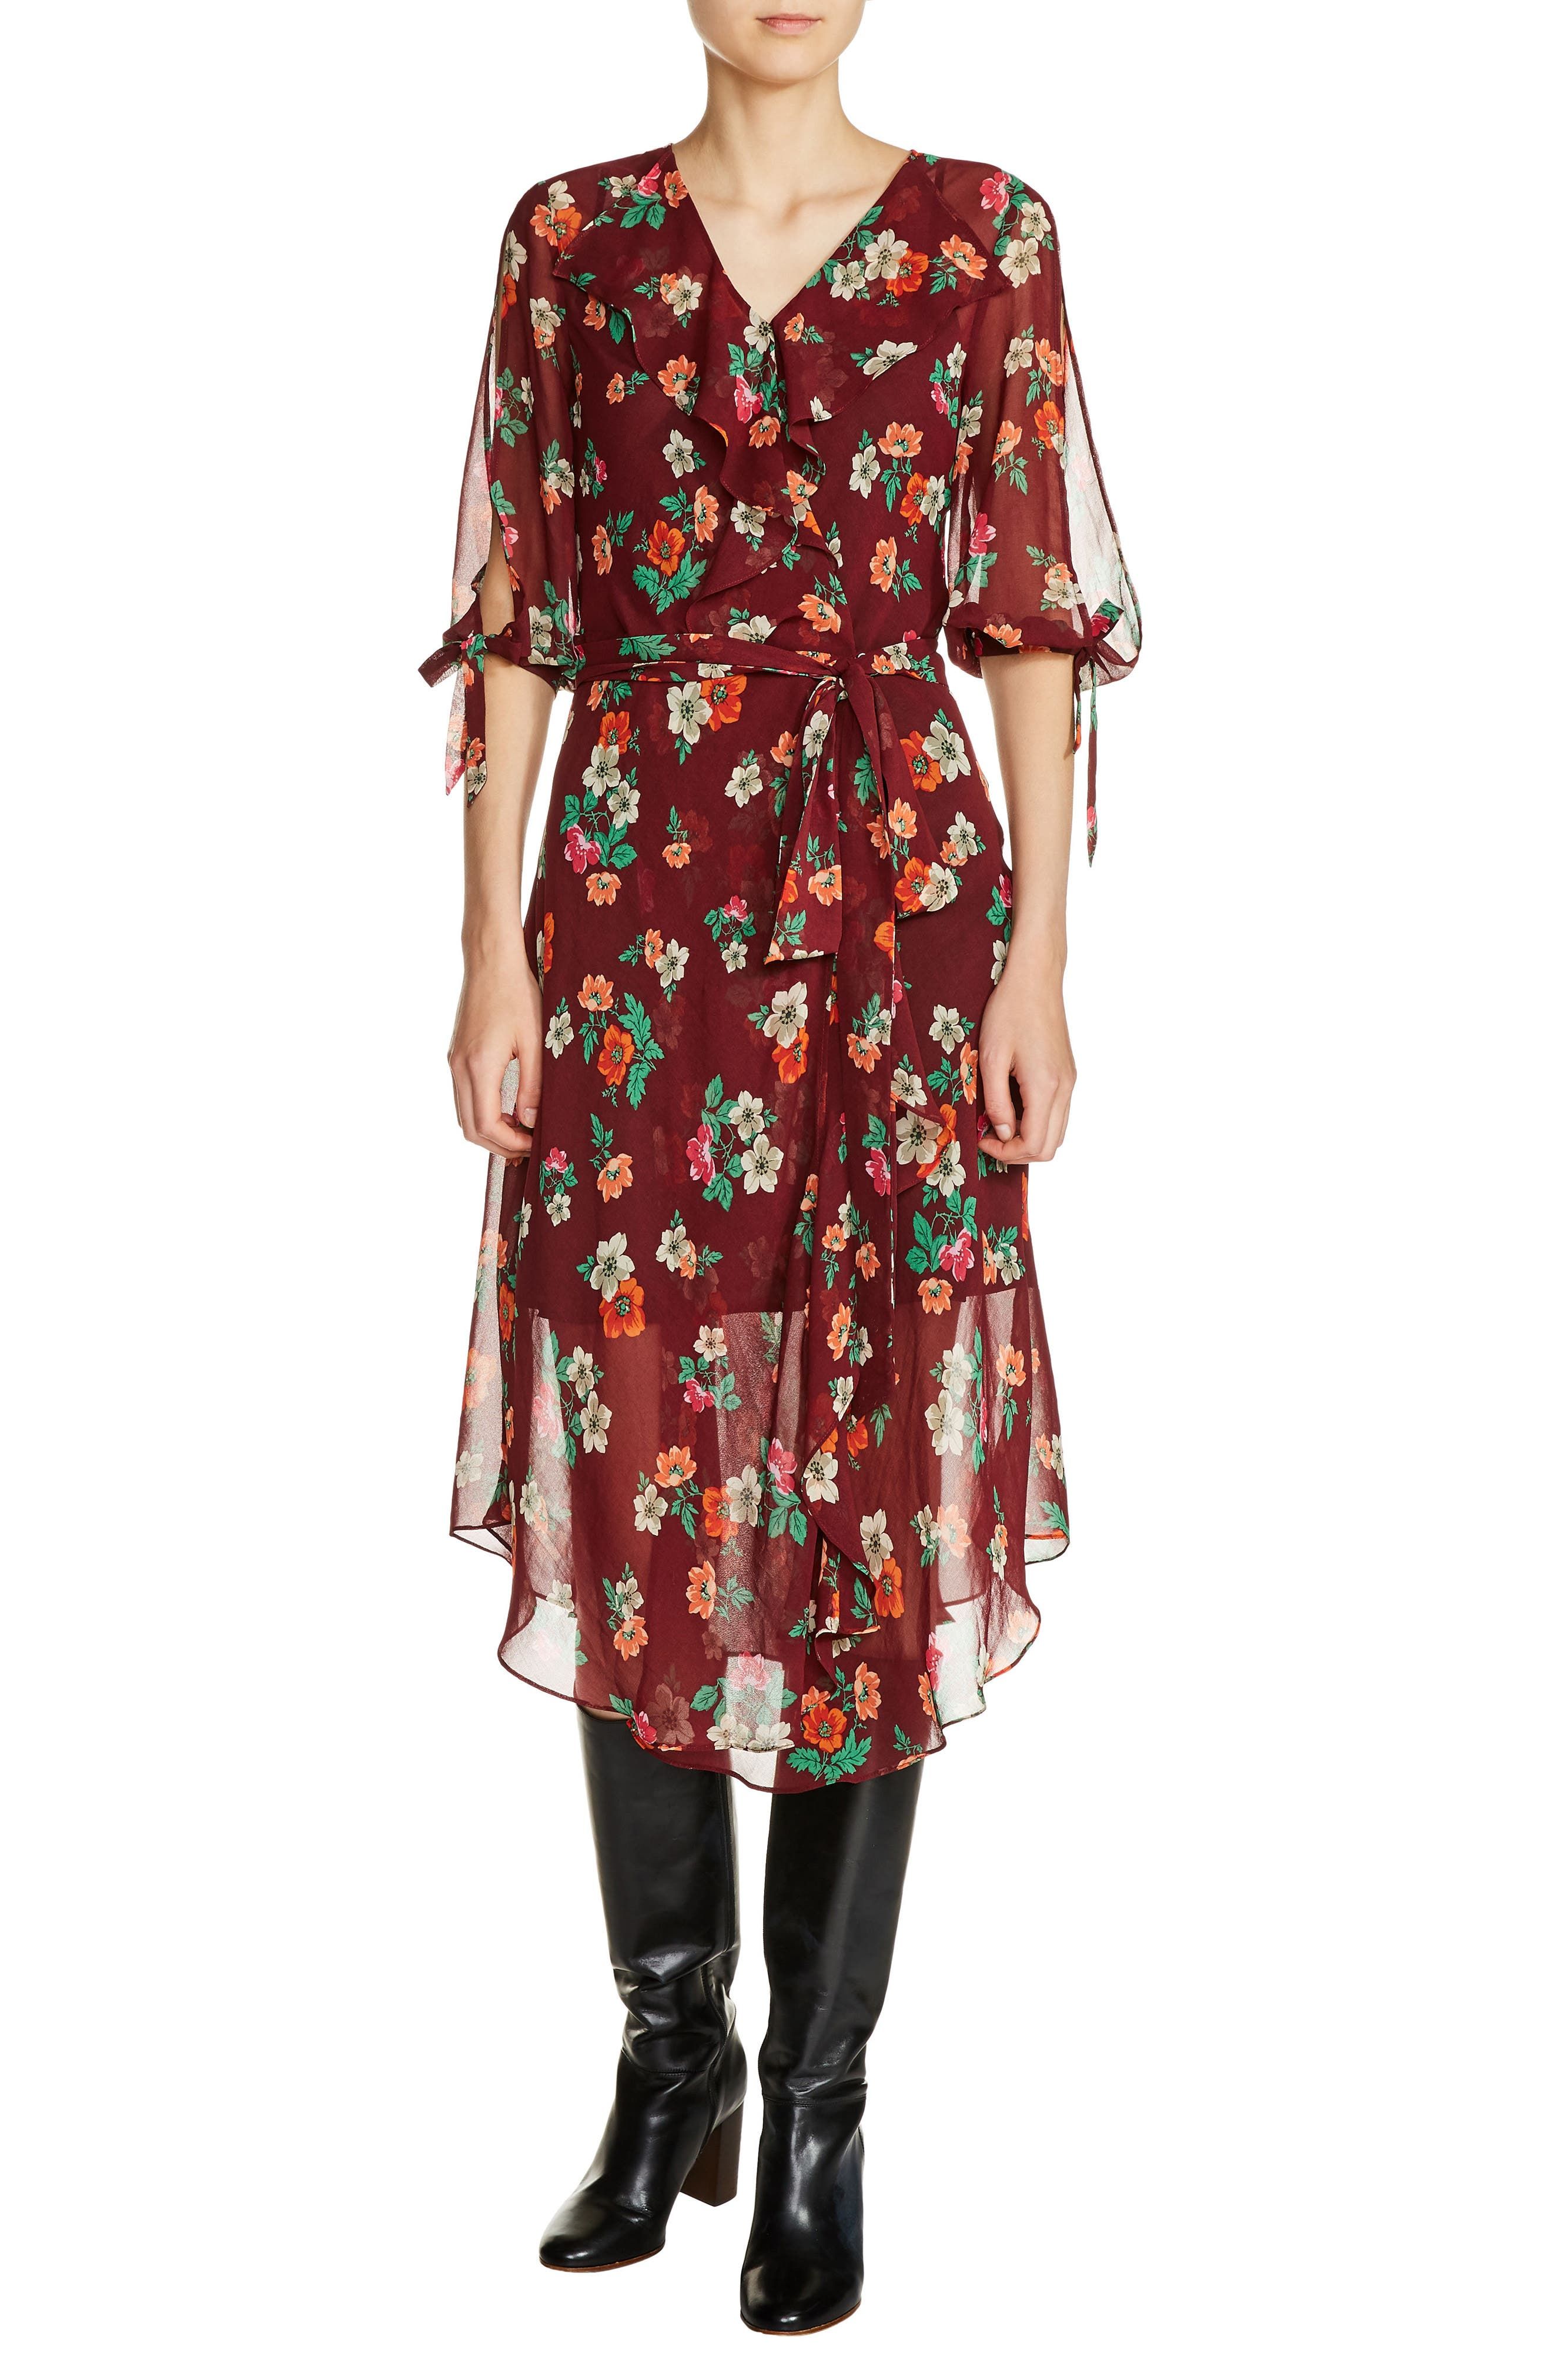 maje Ruffle Floral Print Faux Wrap Dress